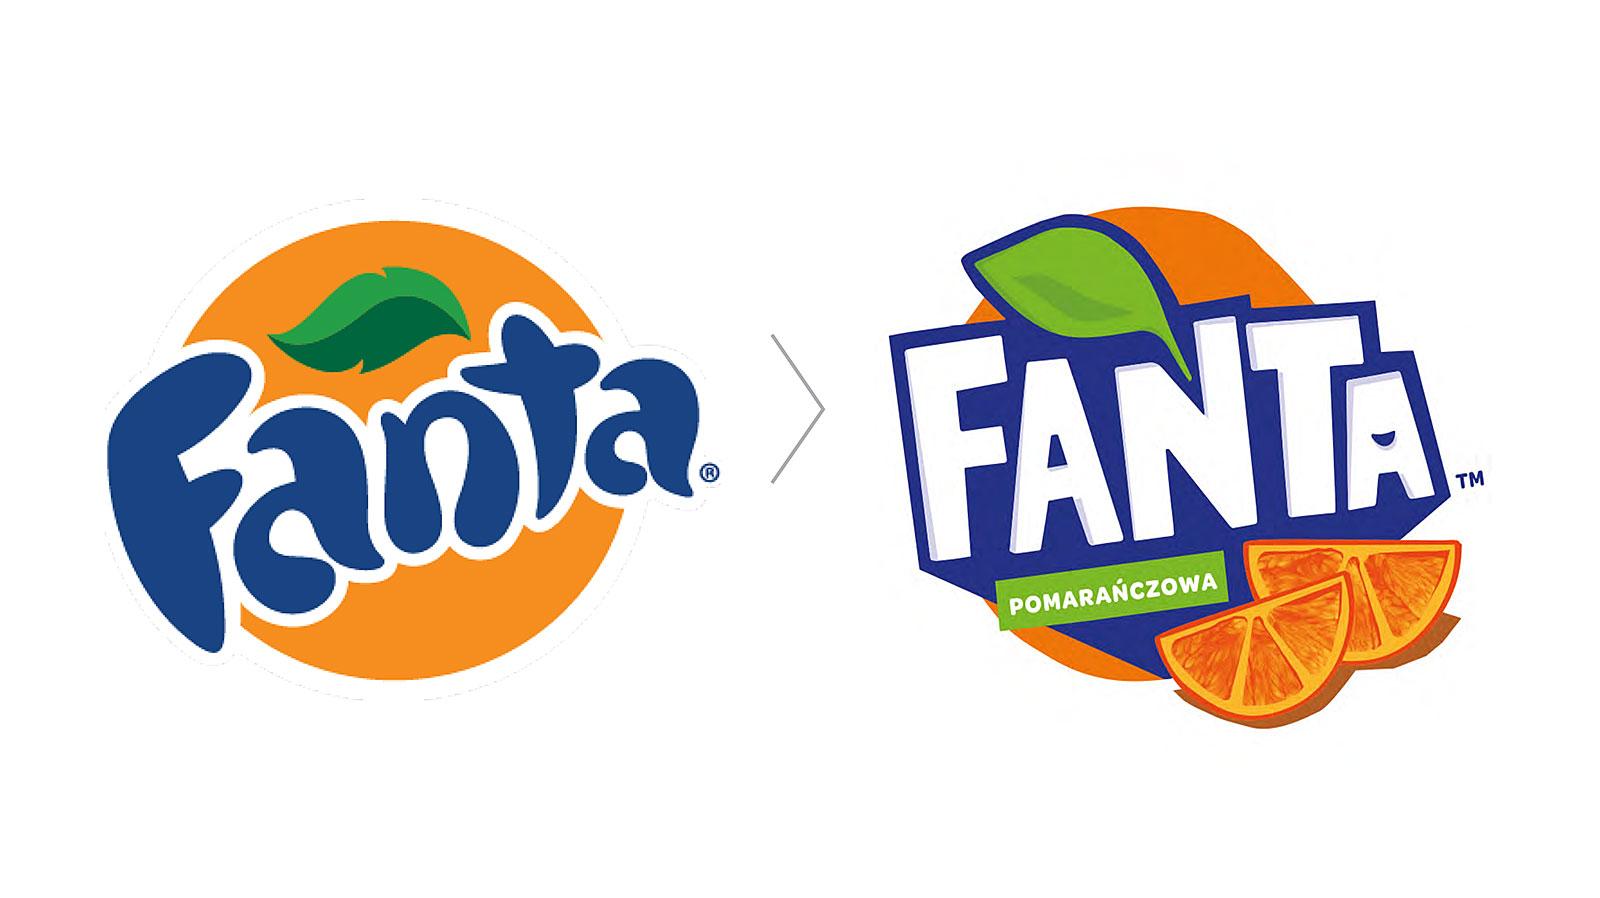 Fanta rebranding